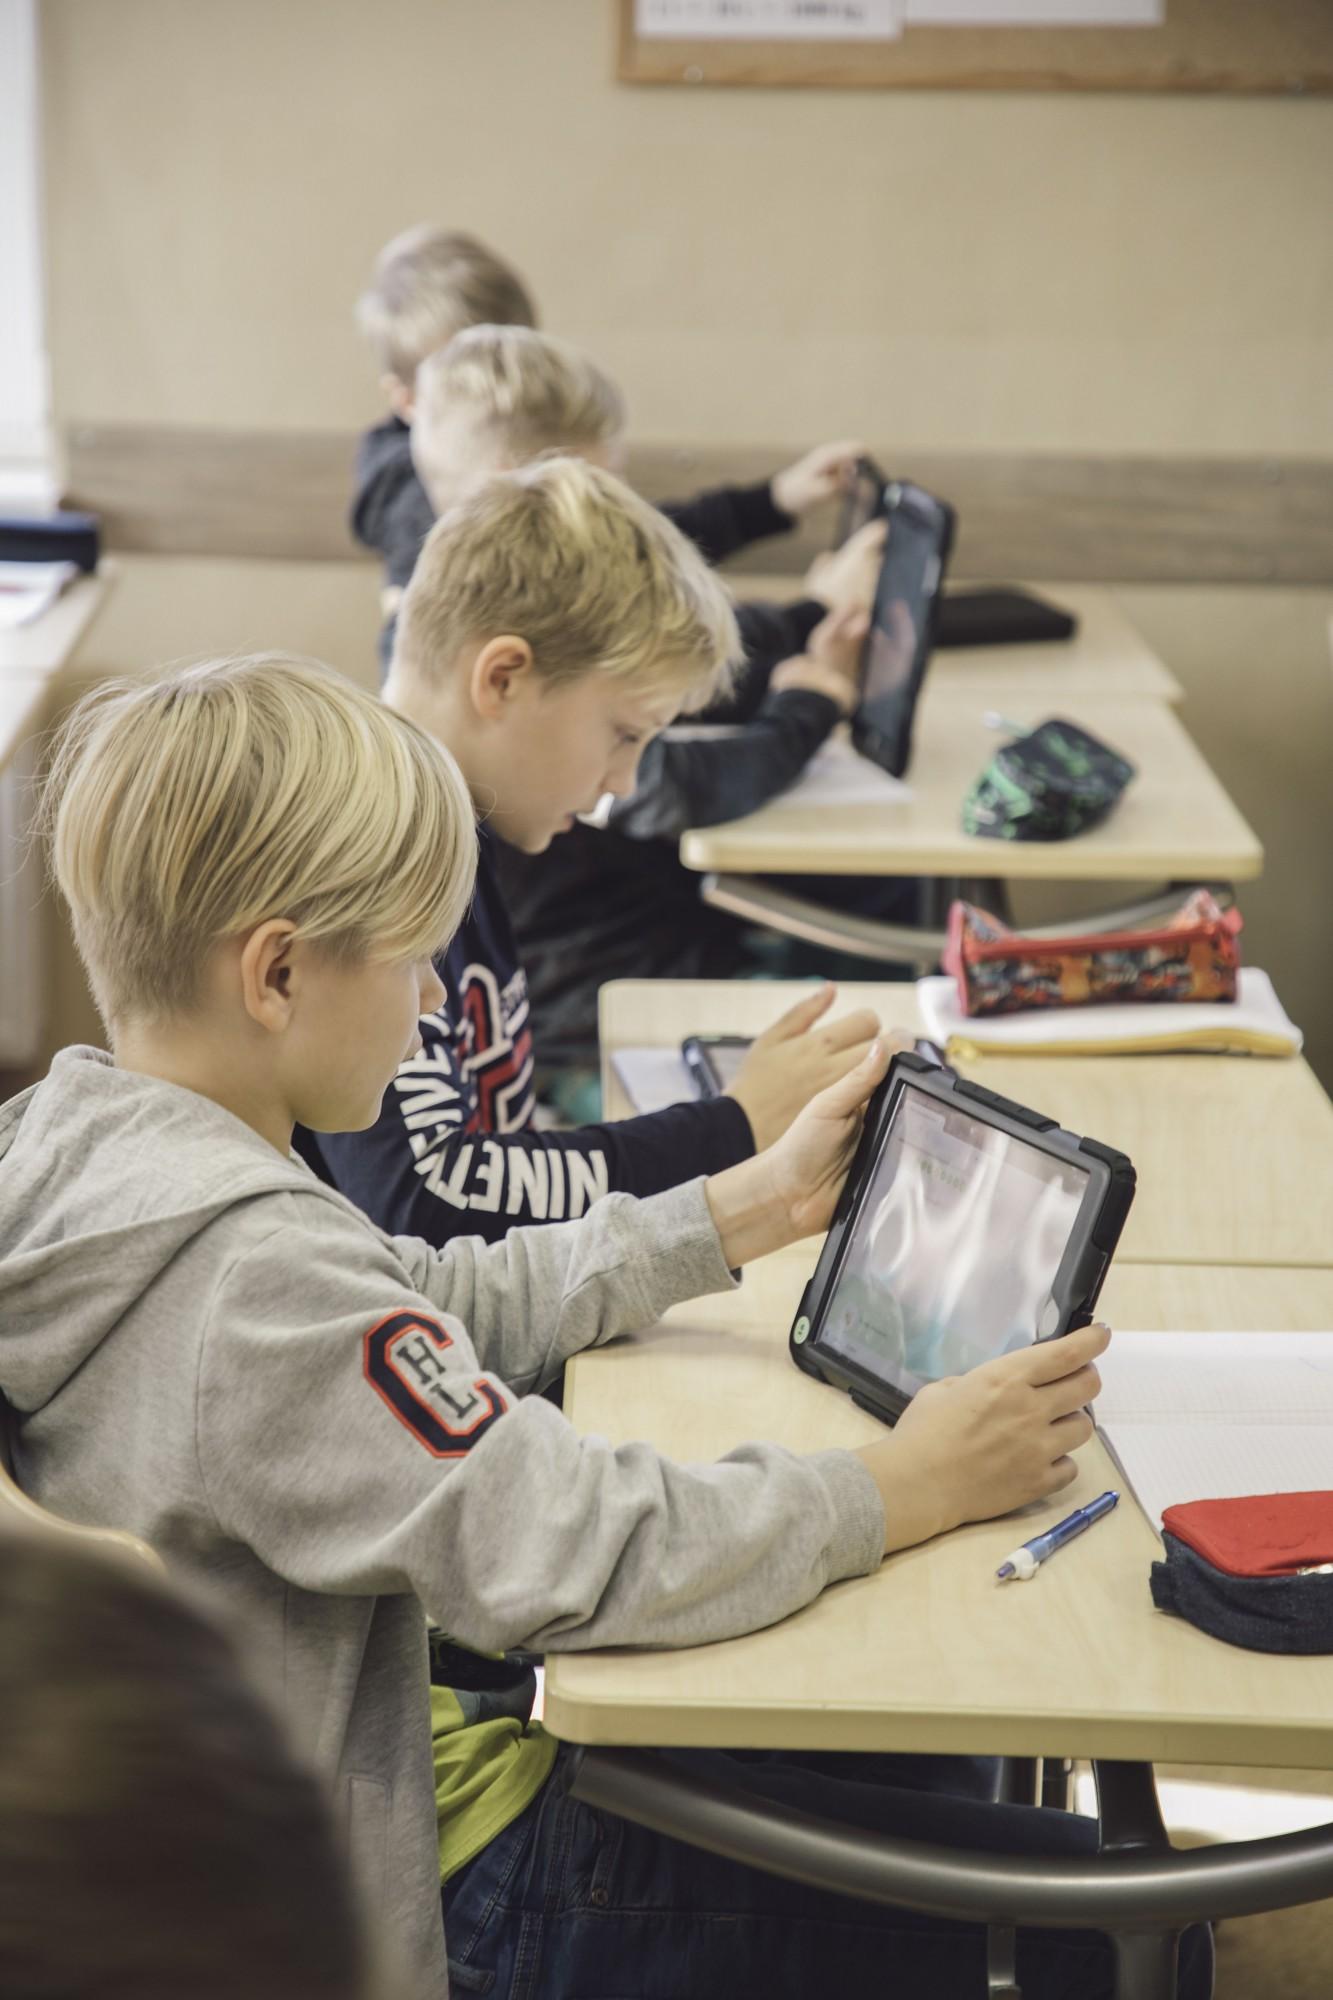 Liepājas skolās apgūst matemātiku ar digitālajām tehnoloģijām